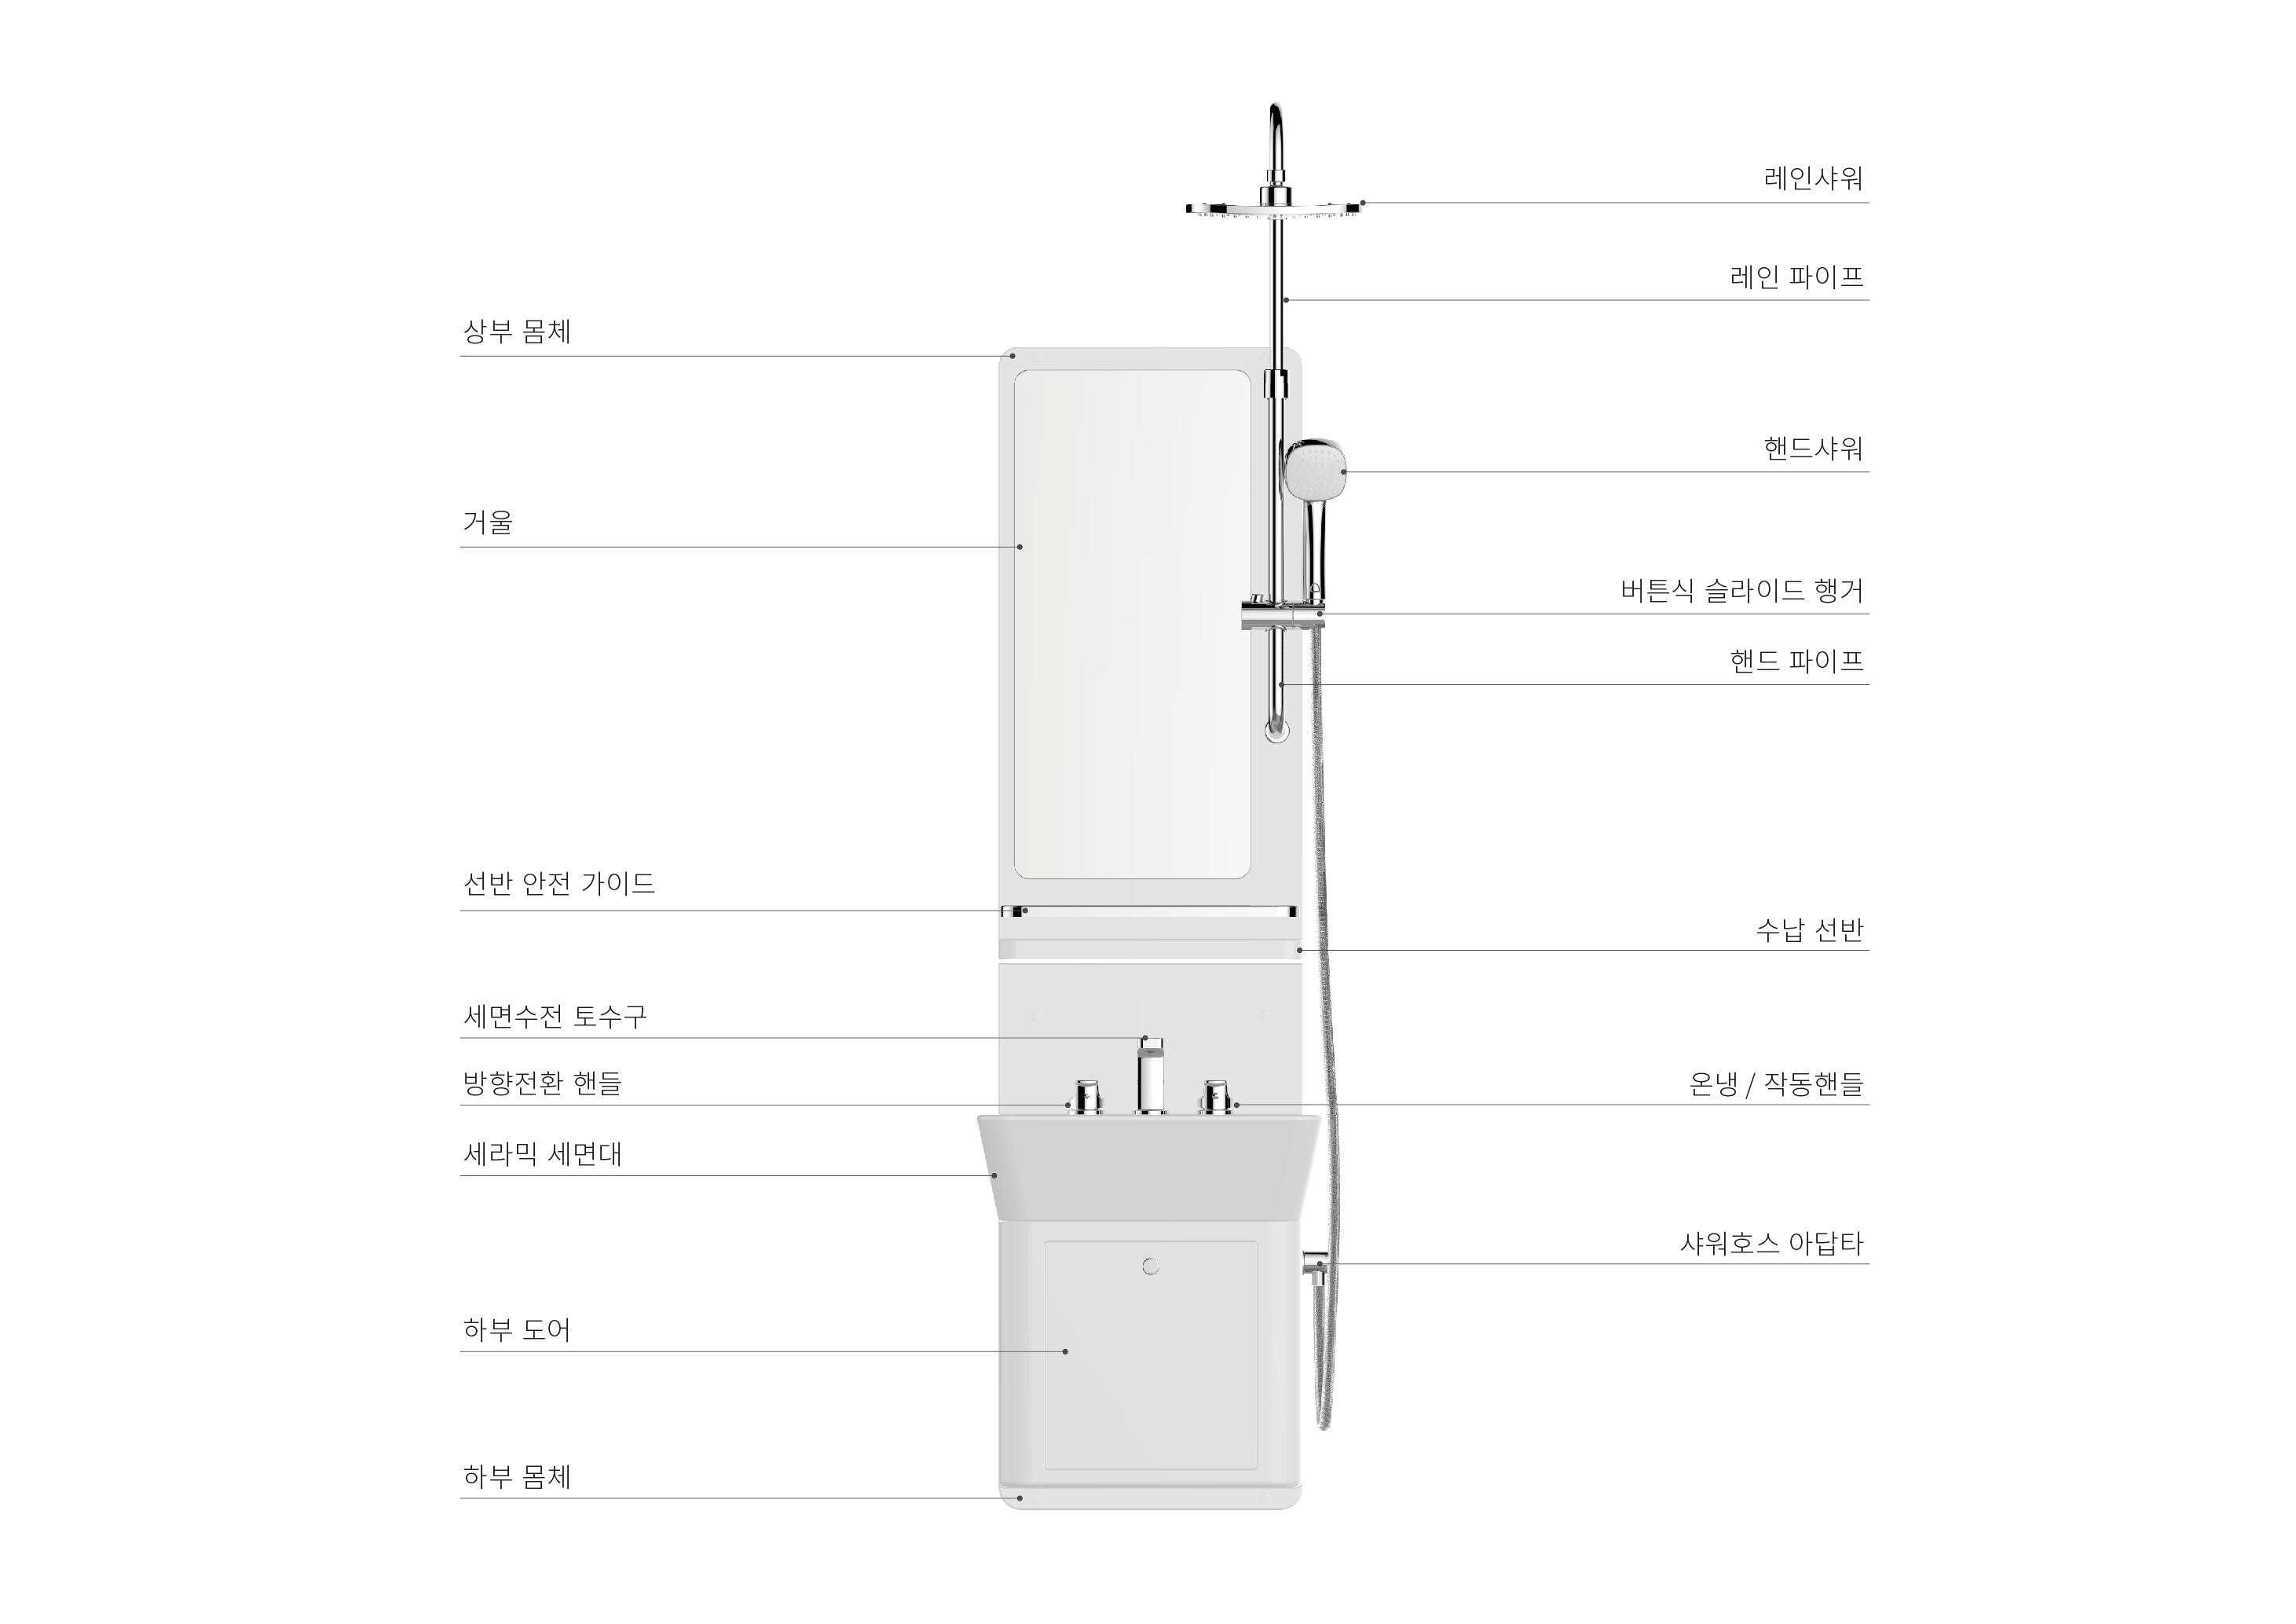 KB9000A 특징